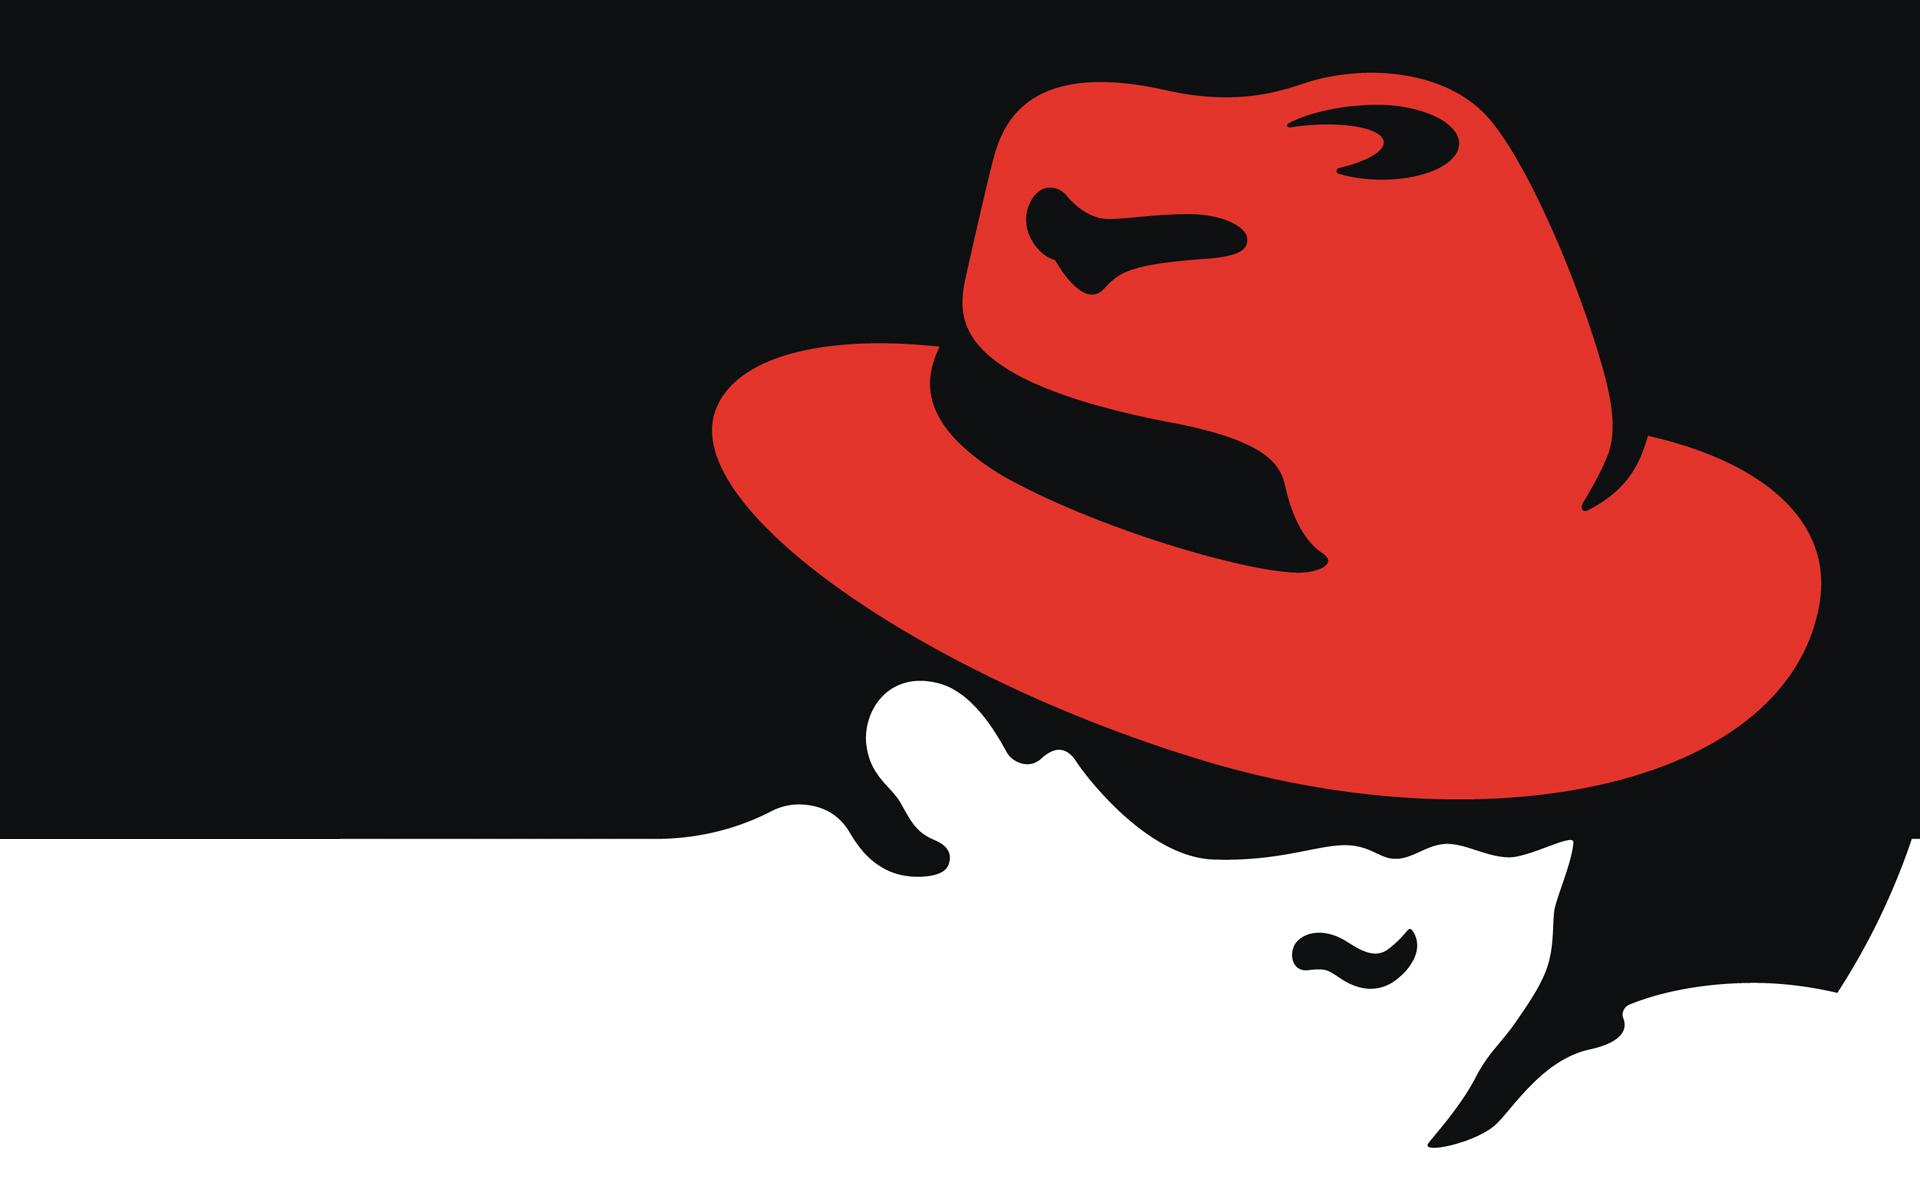 D2SI_Blog_Image_Linux-RedHat